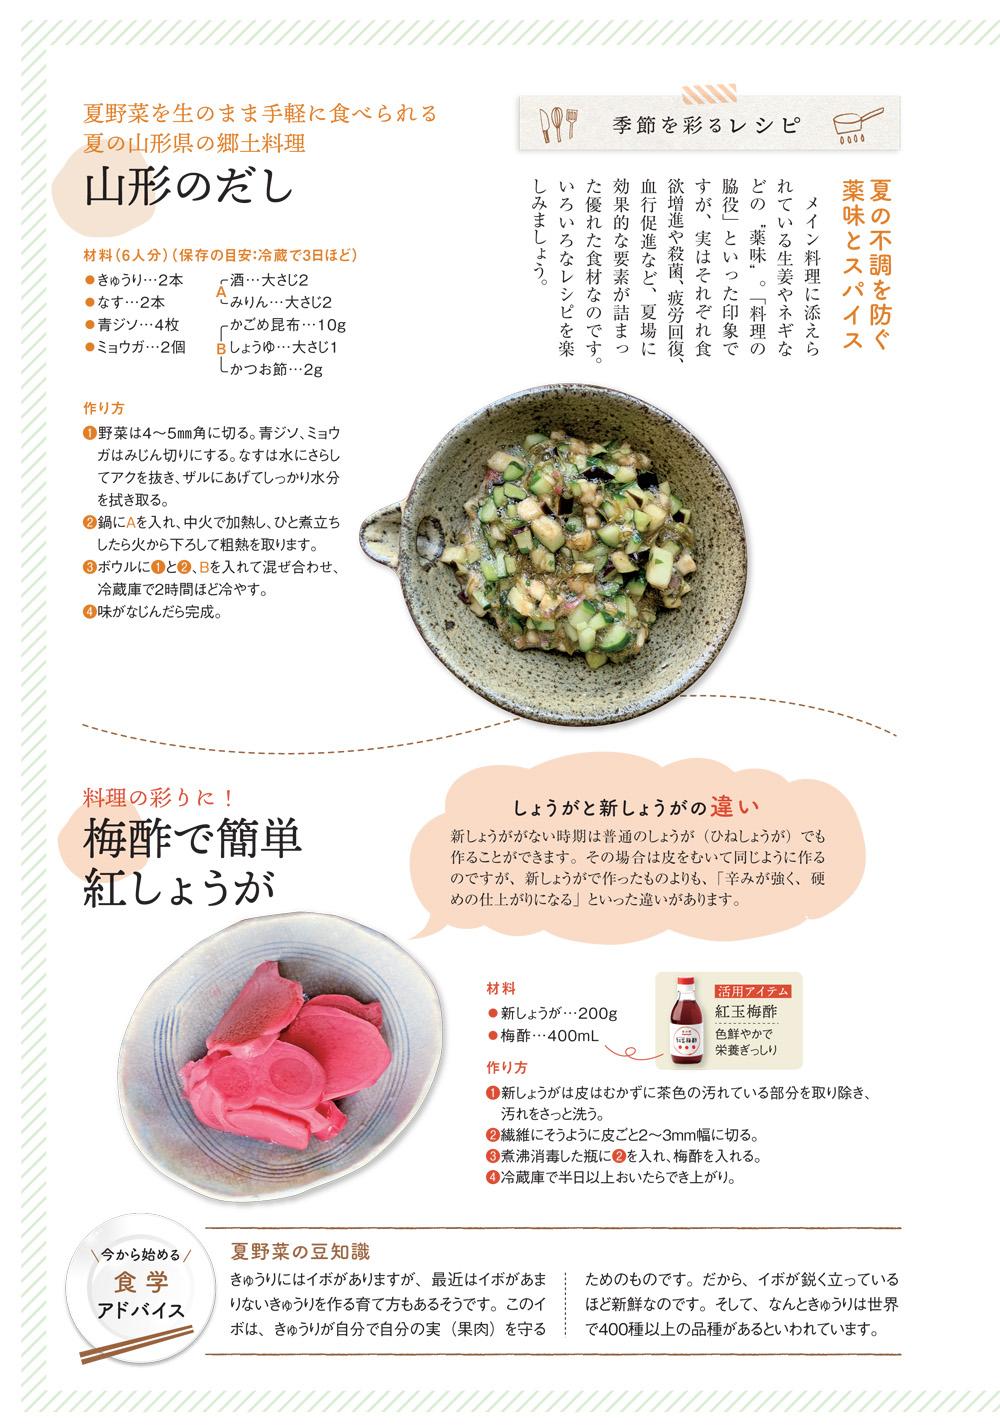 七十二侯レシピ